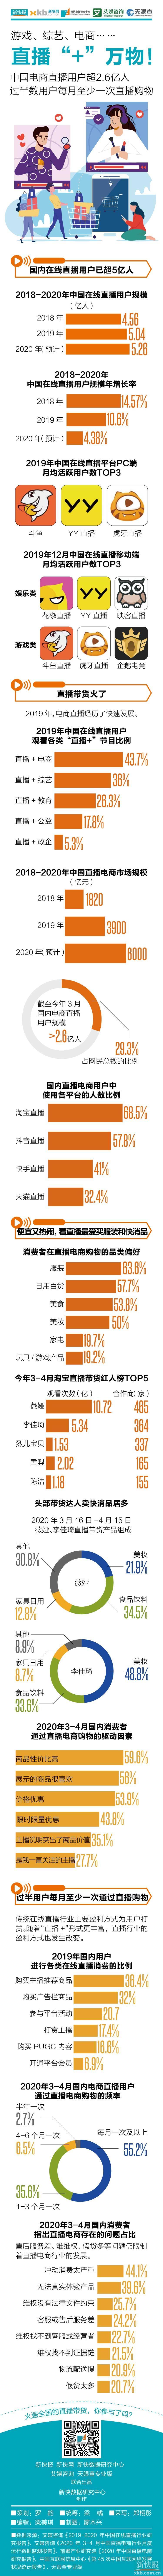 中国电商直播用户已超2.6亿 你今天被带货了吗?